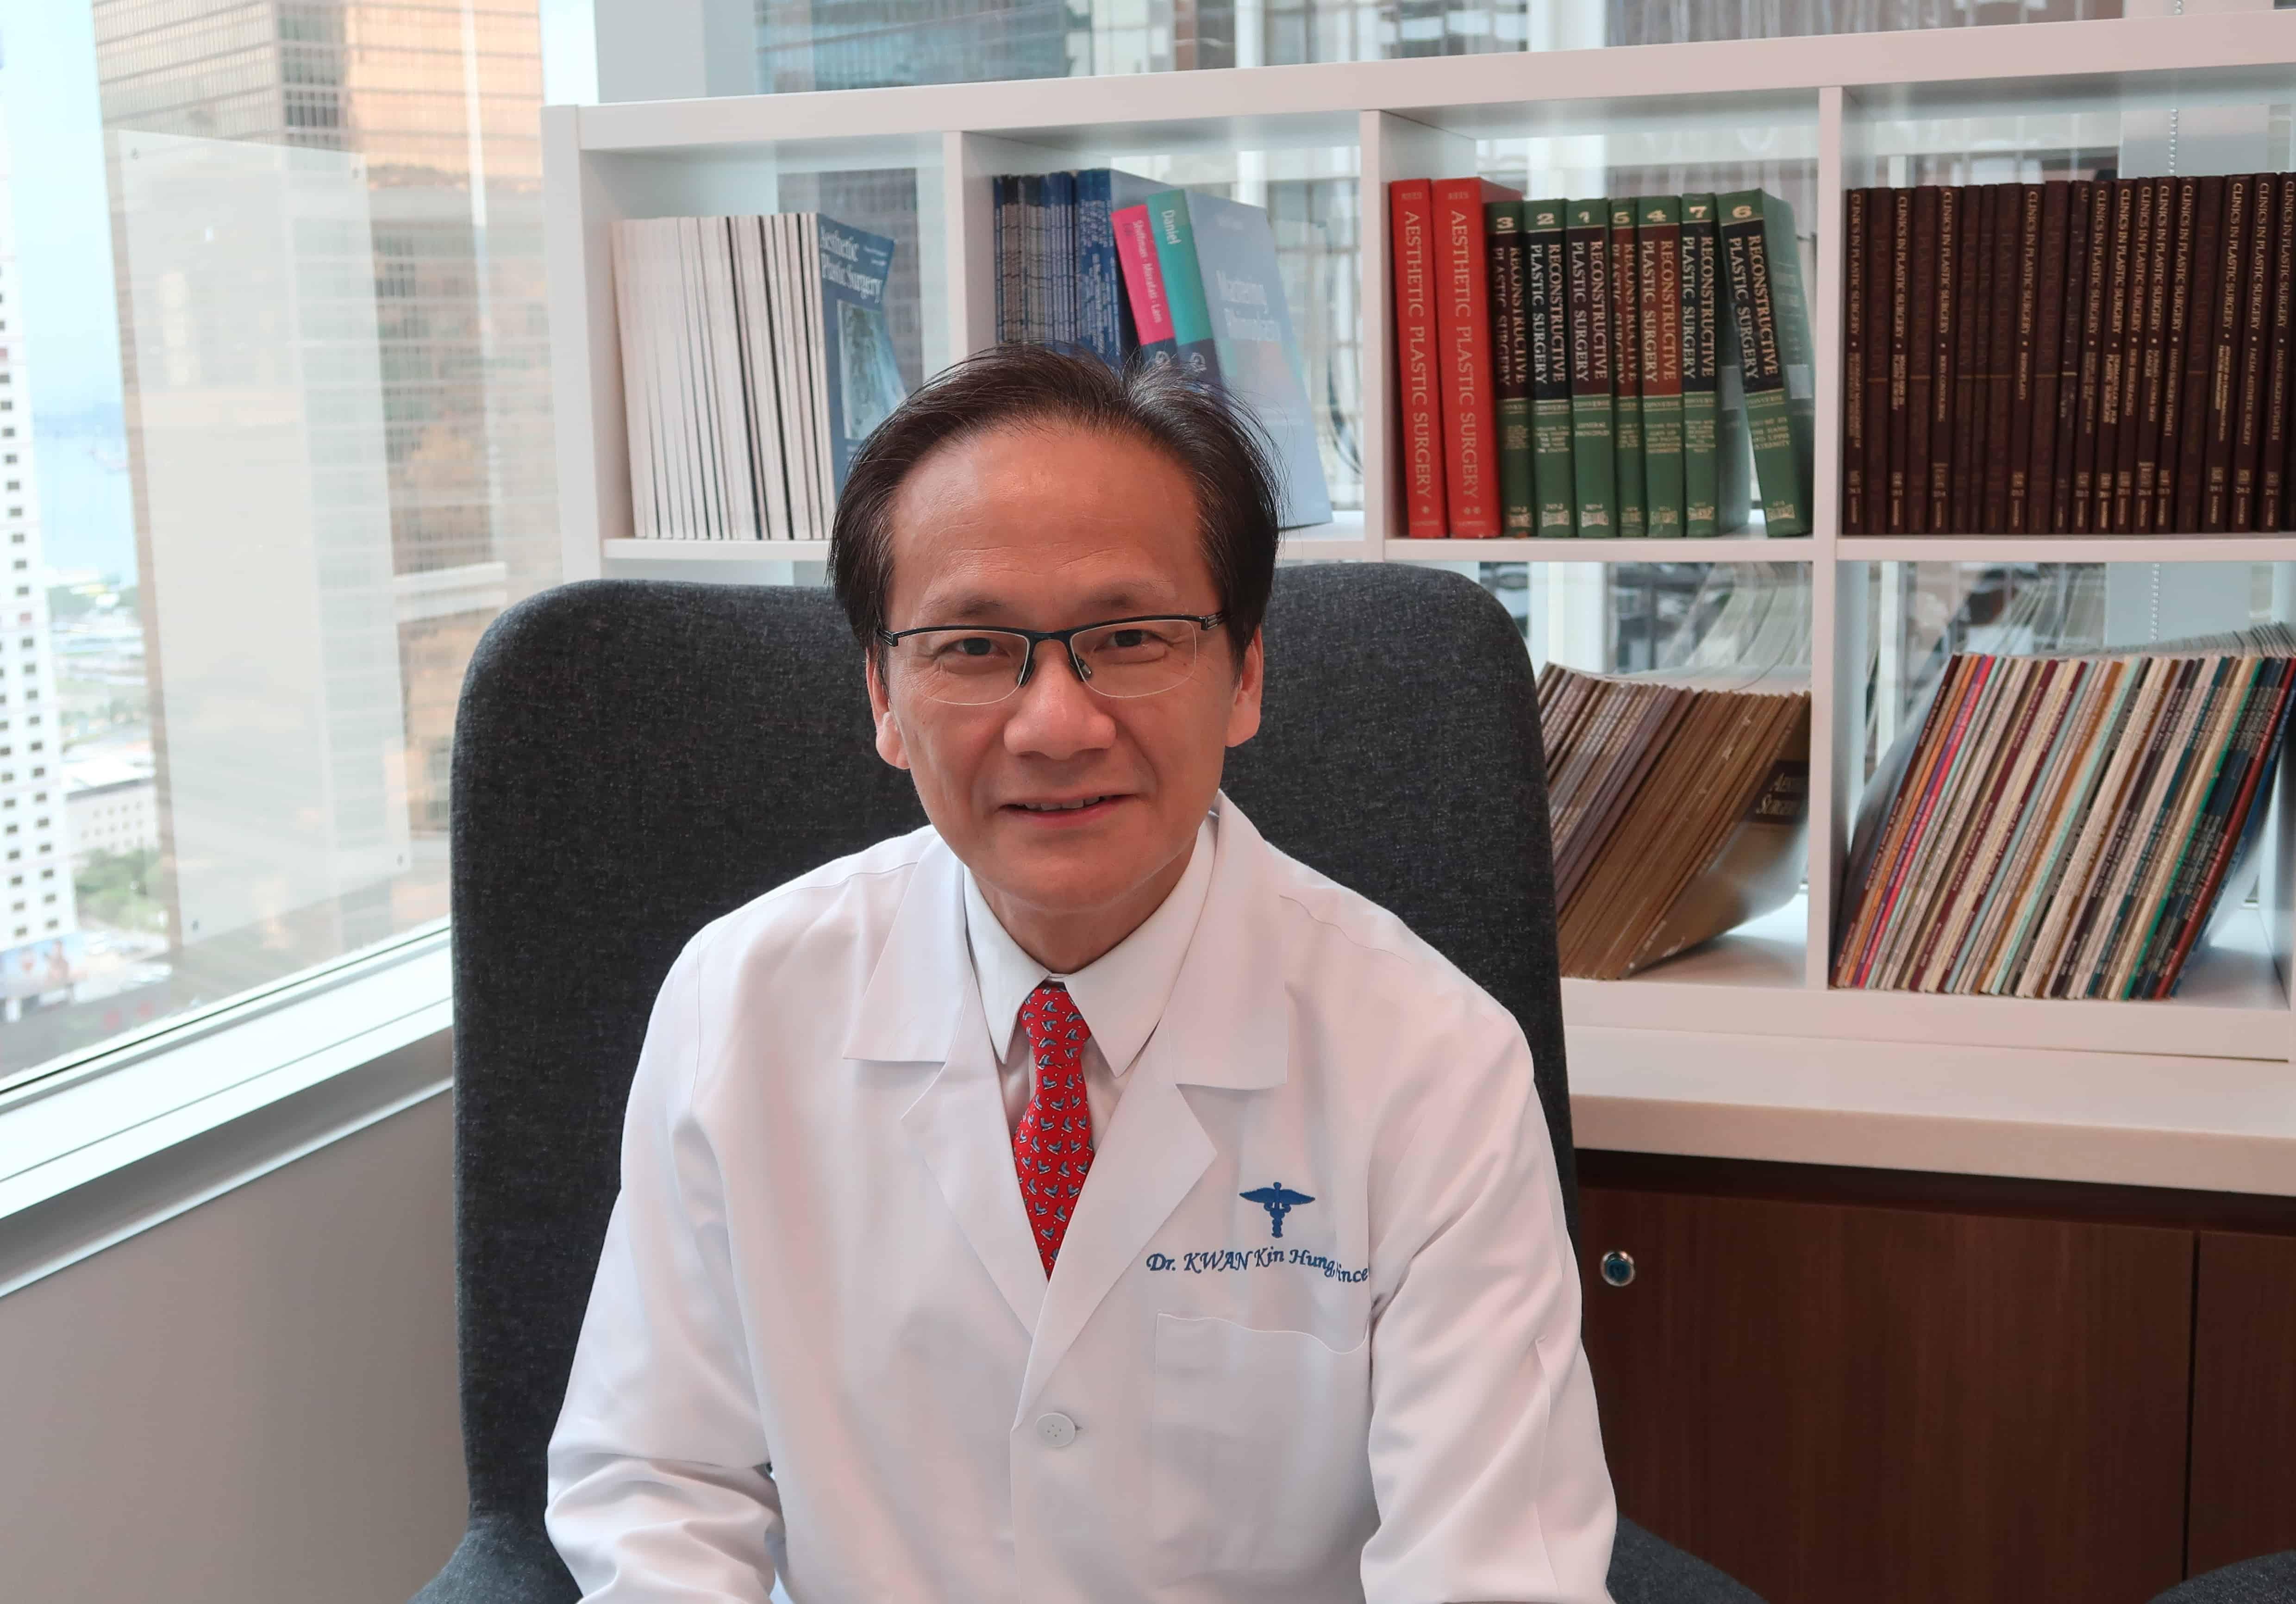 養和醫院整形外科專科醫生關健雄醫生表示,小心護理傷口有助減低疤痕增生的機會。